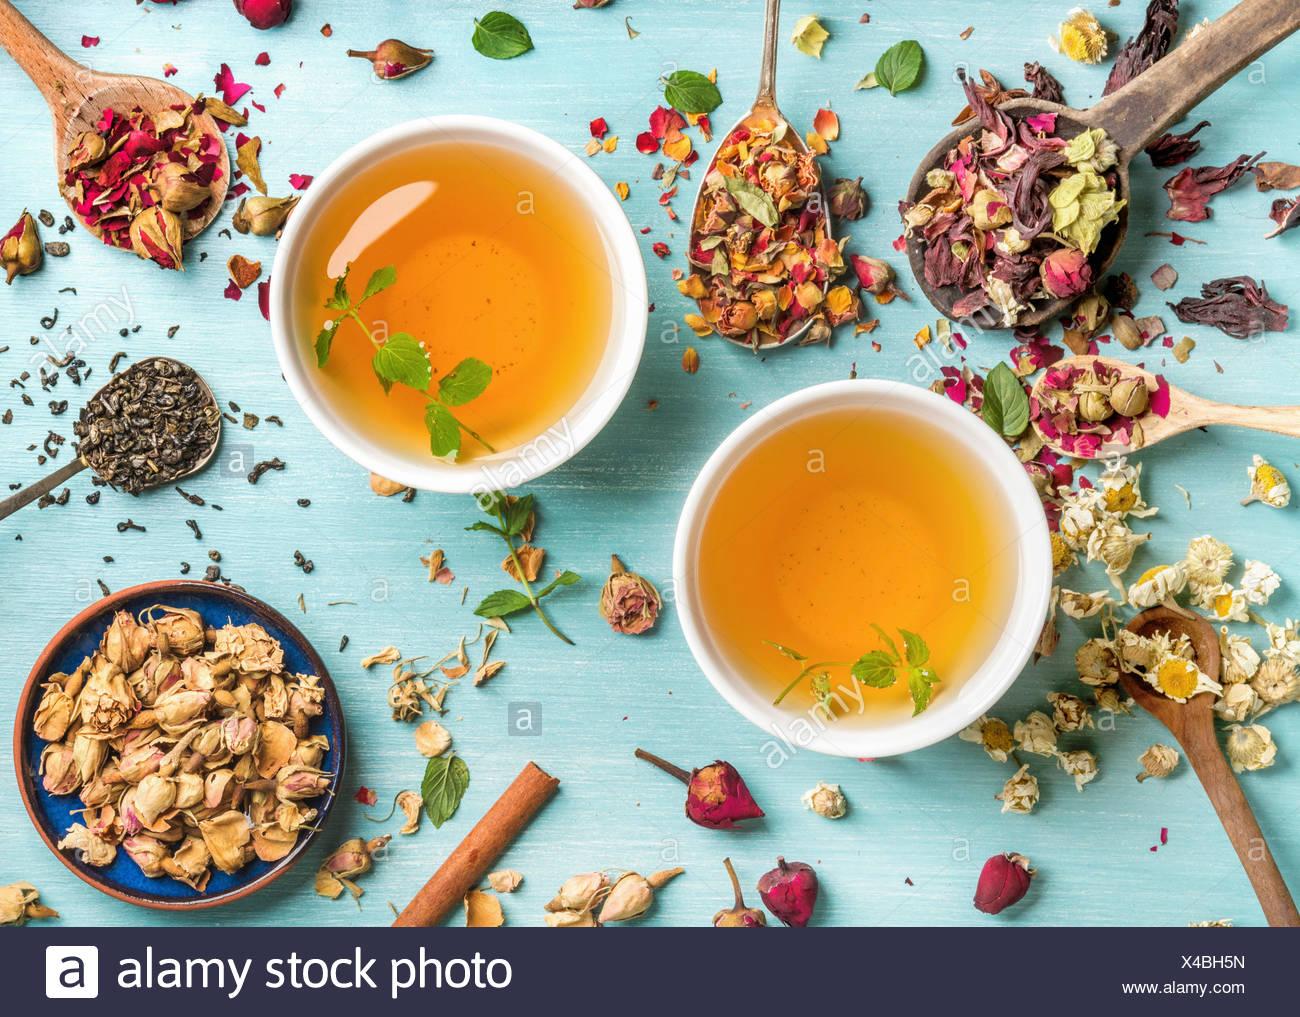 Deux tasses de thé à base de plantes en bonne santé avec la menthe, cannelle, rose et fleurs de camomille séchées dans les cuillères sur fond bleu, vue d'en haut Photo Stock